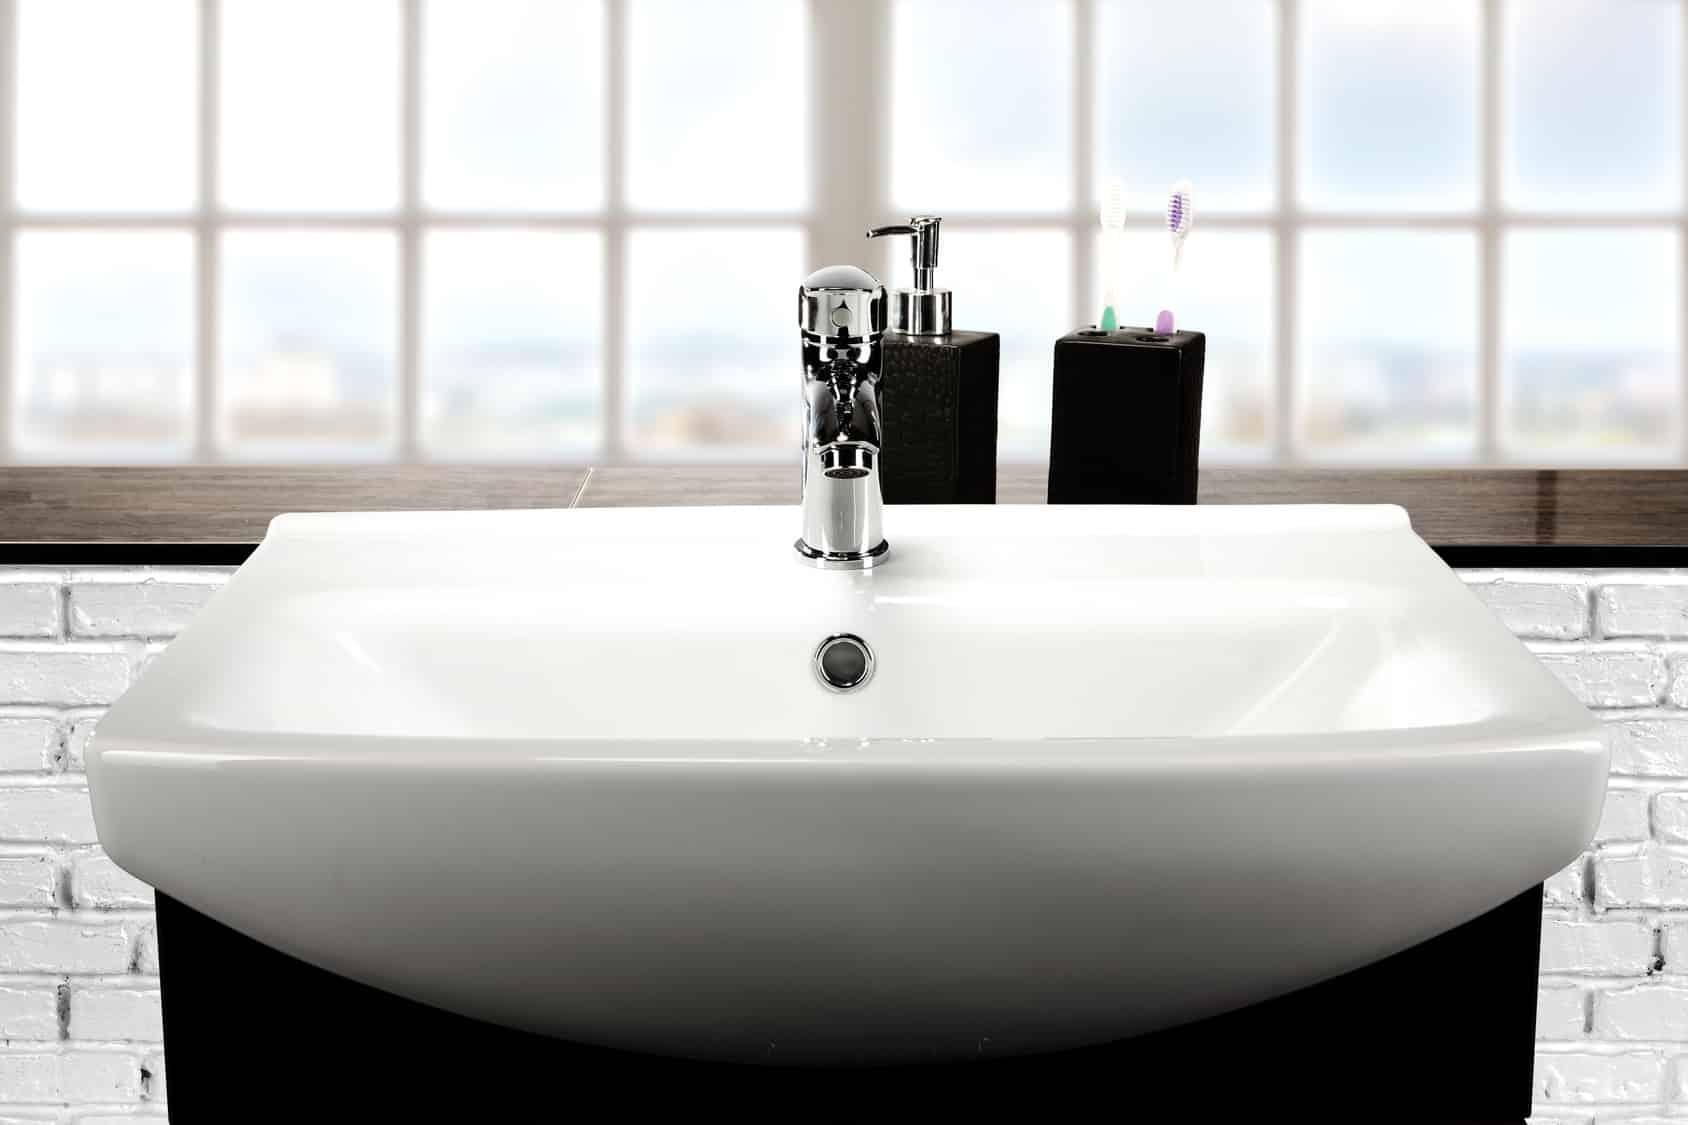 Comment bien choisir le lavabo de votre salle de bain?